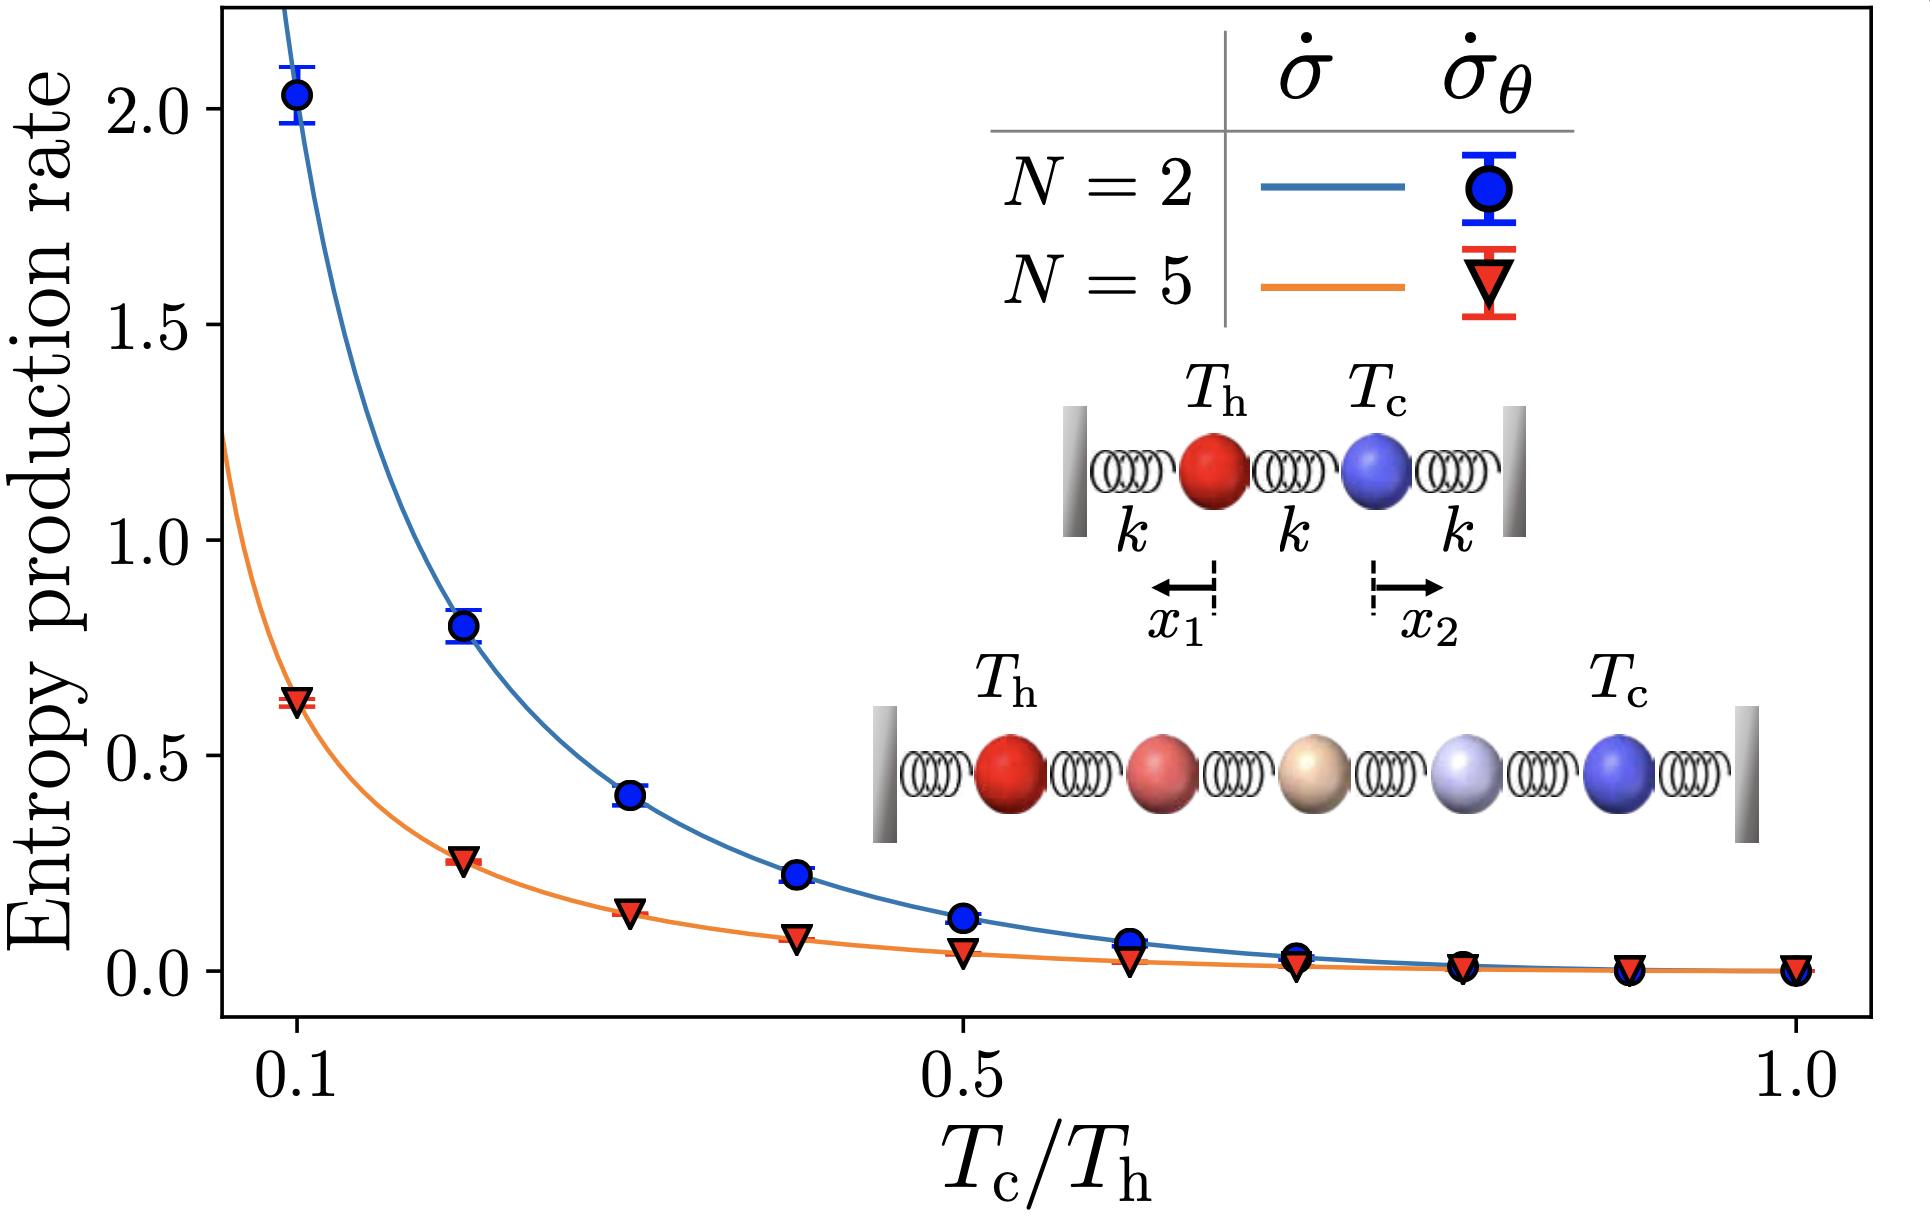 그림 2. 스프링으로 연결된 N개의 구슬들이 다른 온도의 환경에 존재하는 비평형 모델에서 해석적으로 알려진 엔트로피 생성율(EP rate )과 신경망이 추정한 값()이 정확히 일치한다.